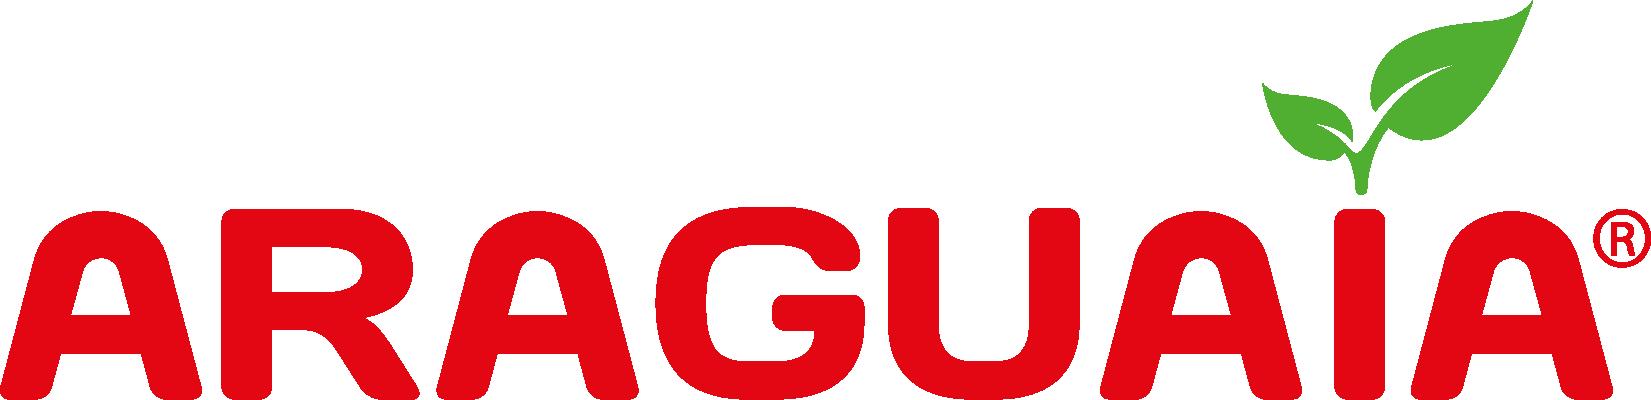 LOGO_ARAGUAIA